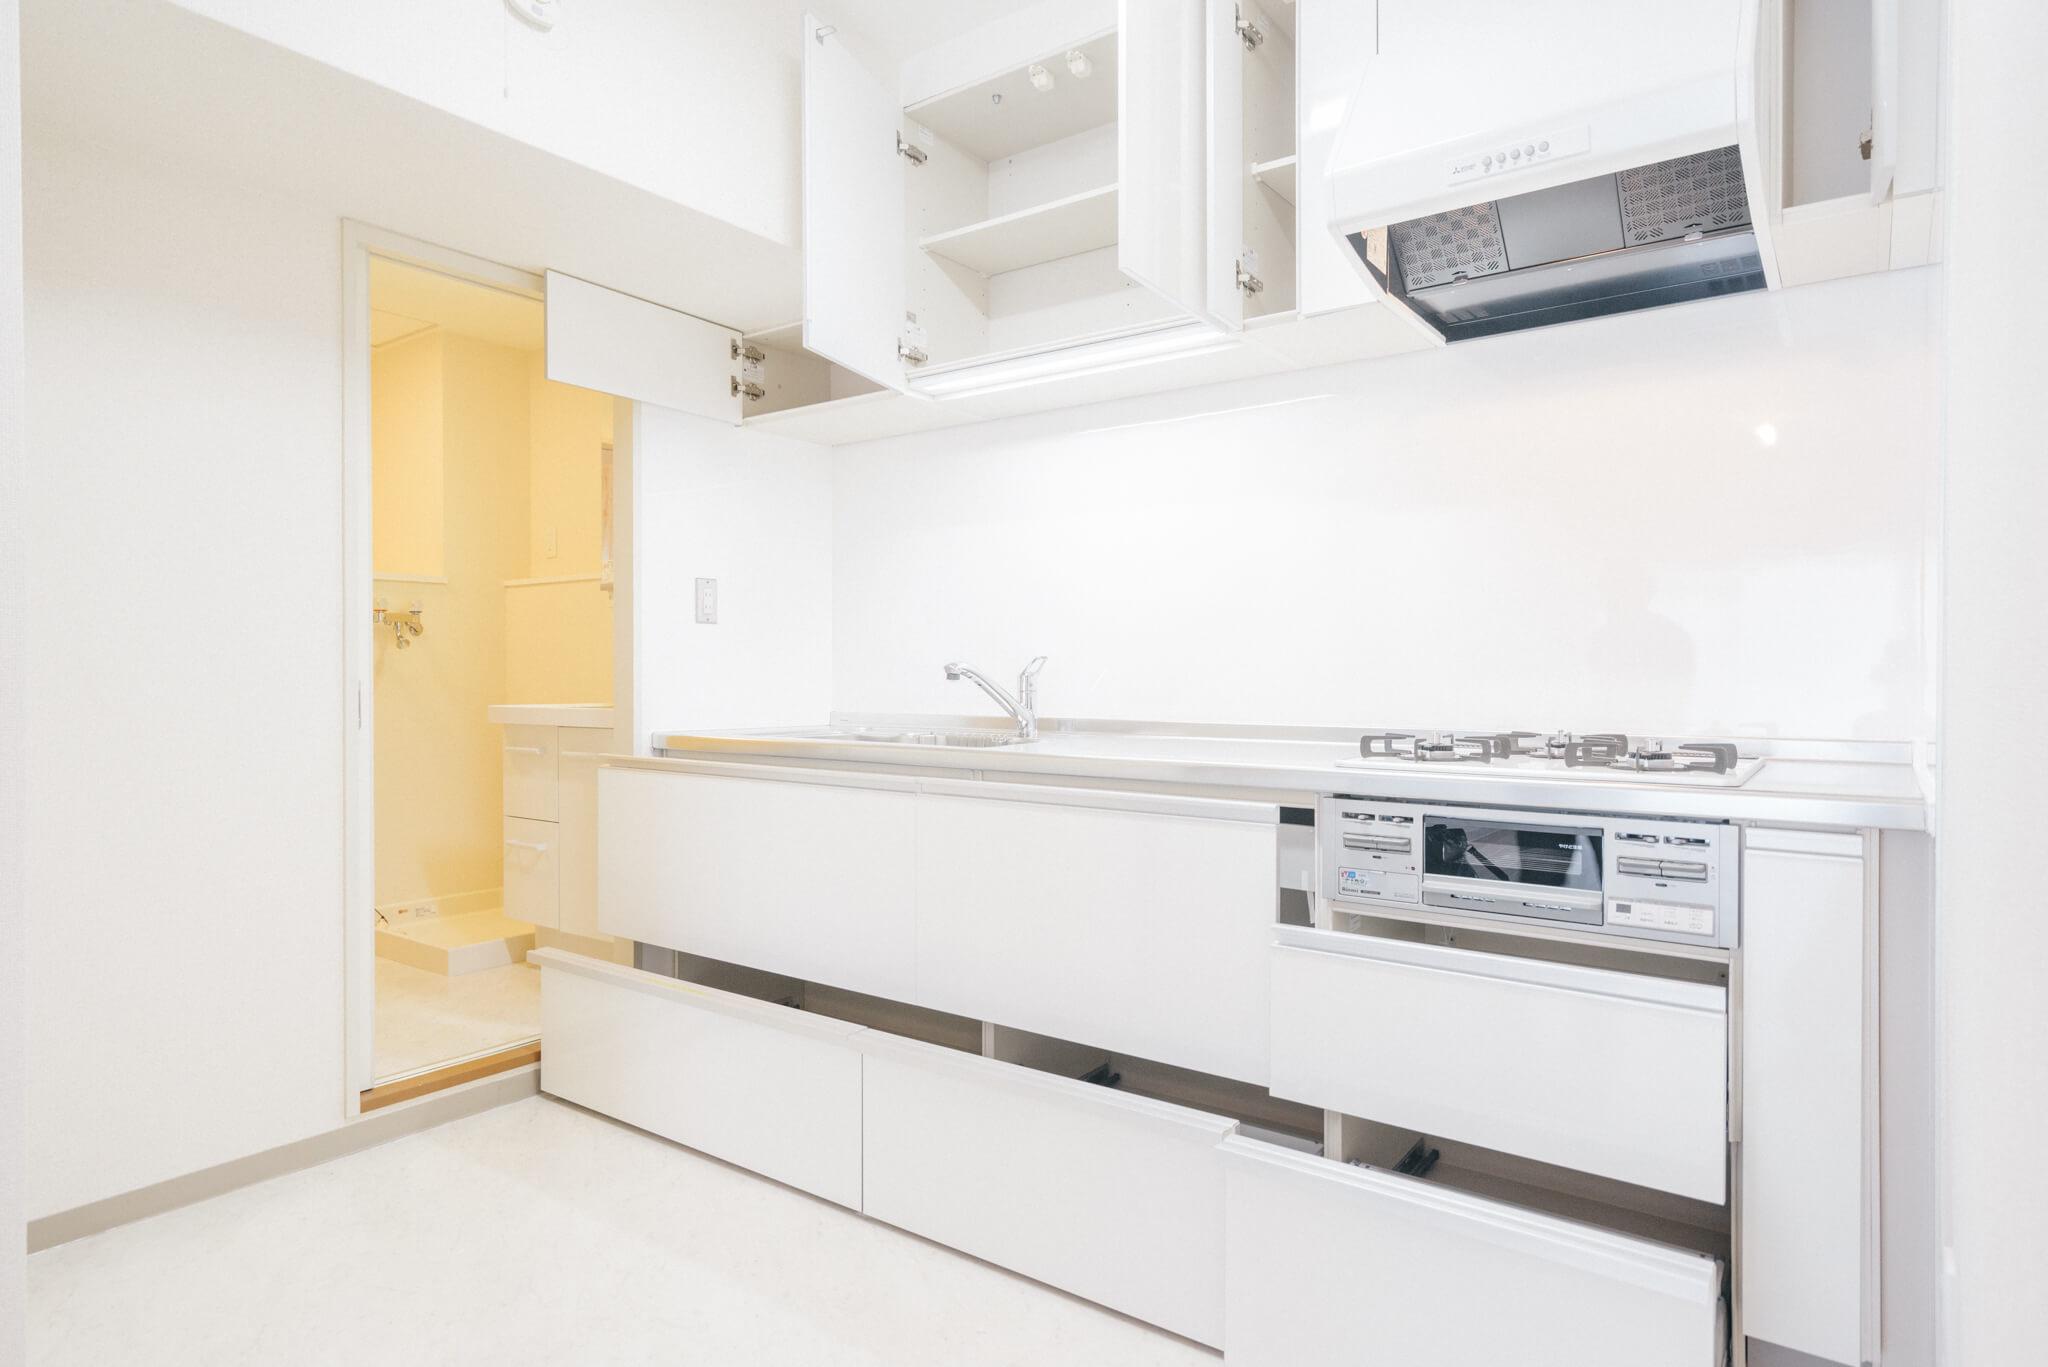 リノベーションで新しくなったキッチンはガス3口。引き出し式の収納もたっぷりで余裕があります。